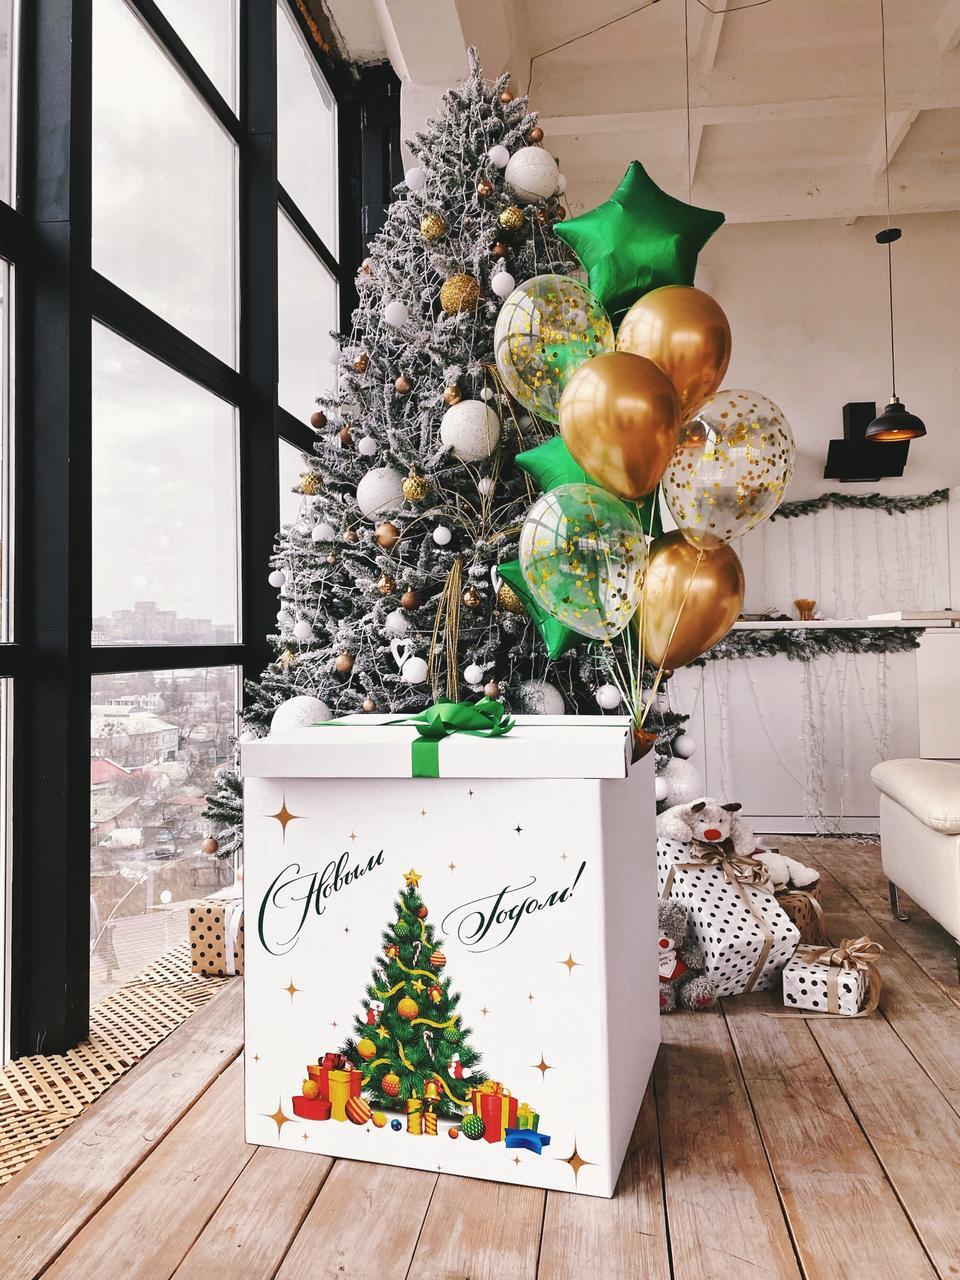 Коробка белая Новый год с нарядной елкой